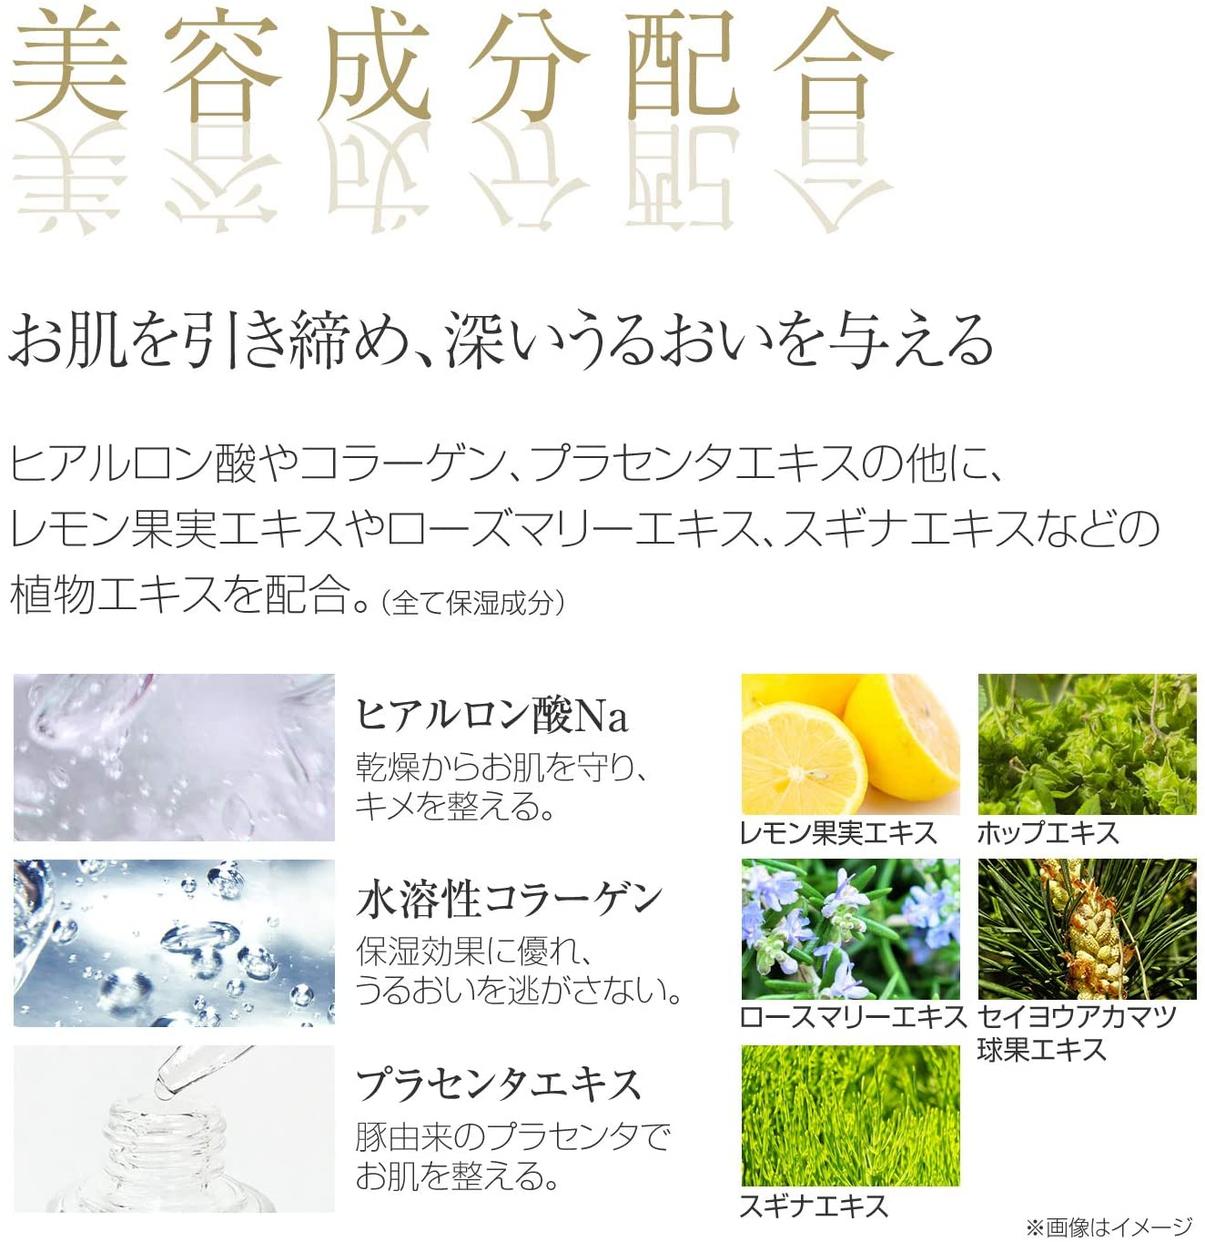 Buhna(ビューナ) たっぷり炭酸シャワー 炭酸ミスト 化粧水の商品画像4